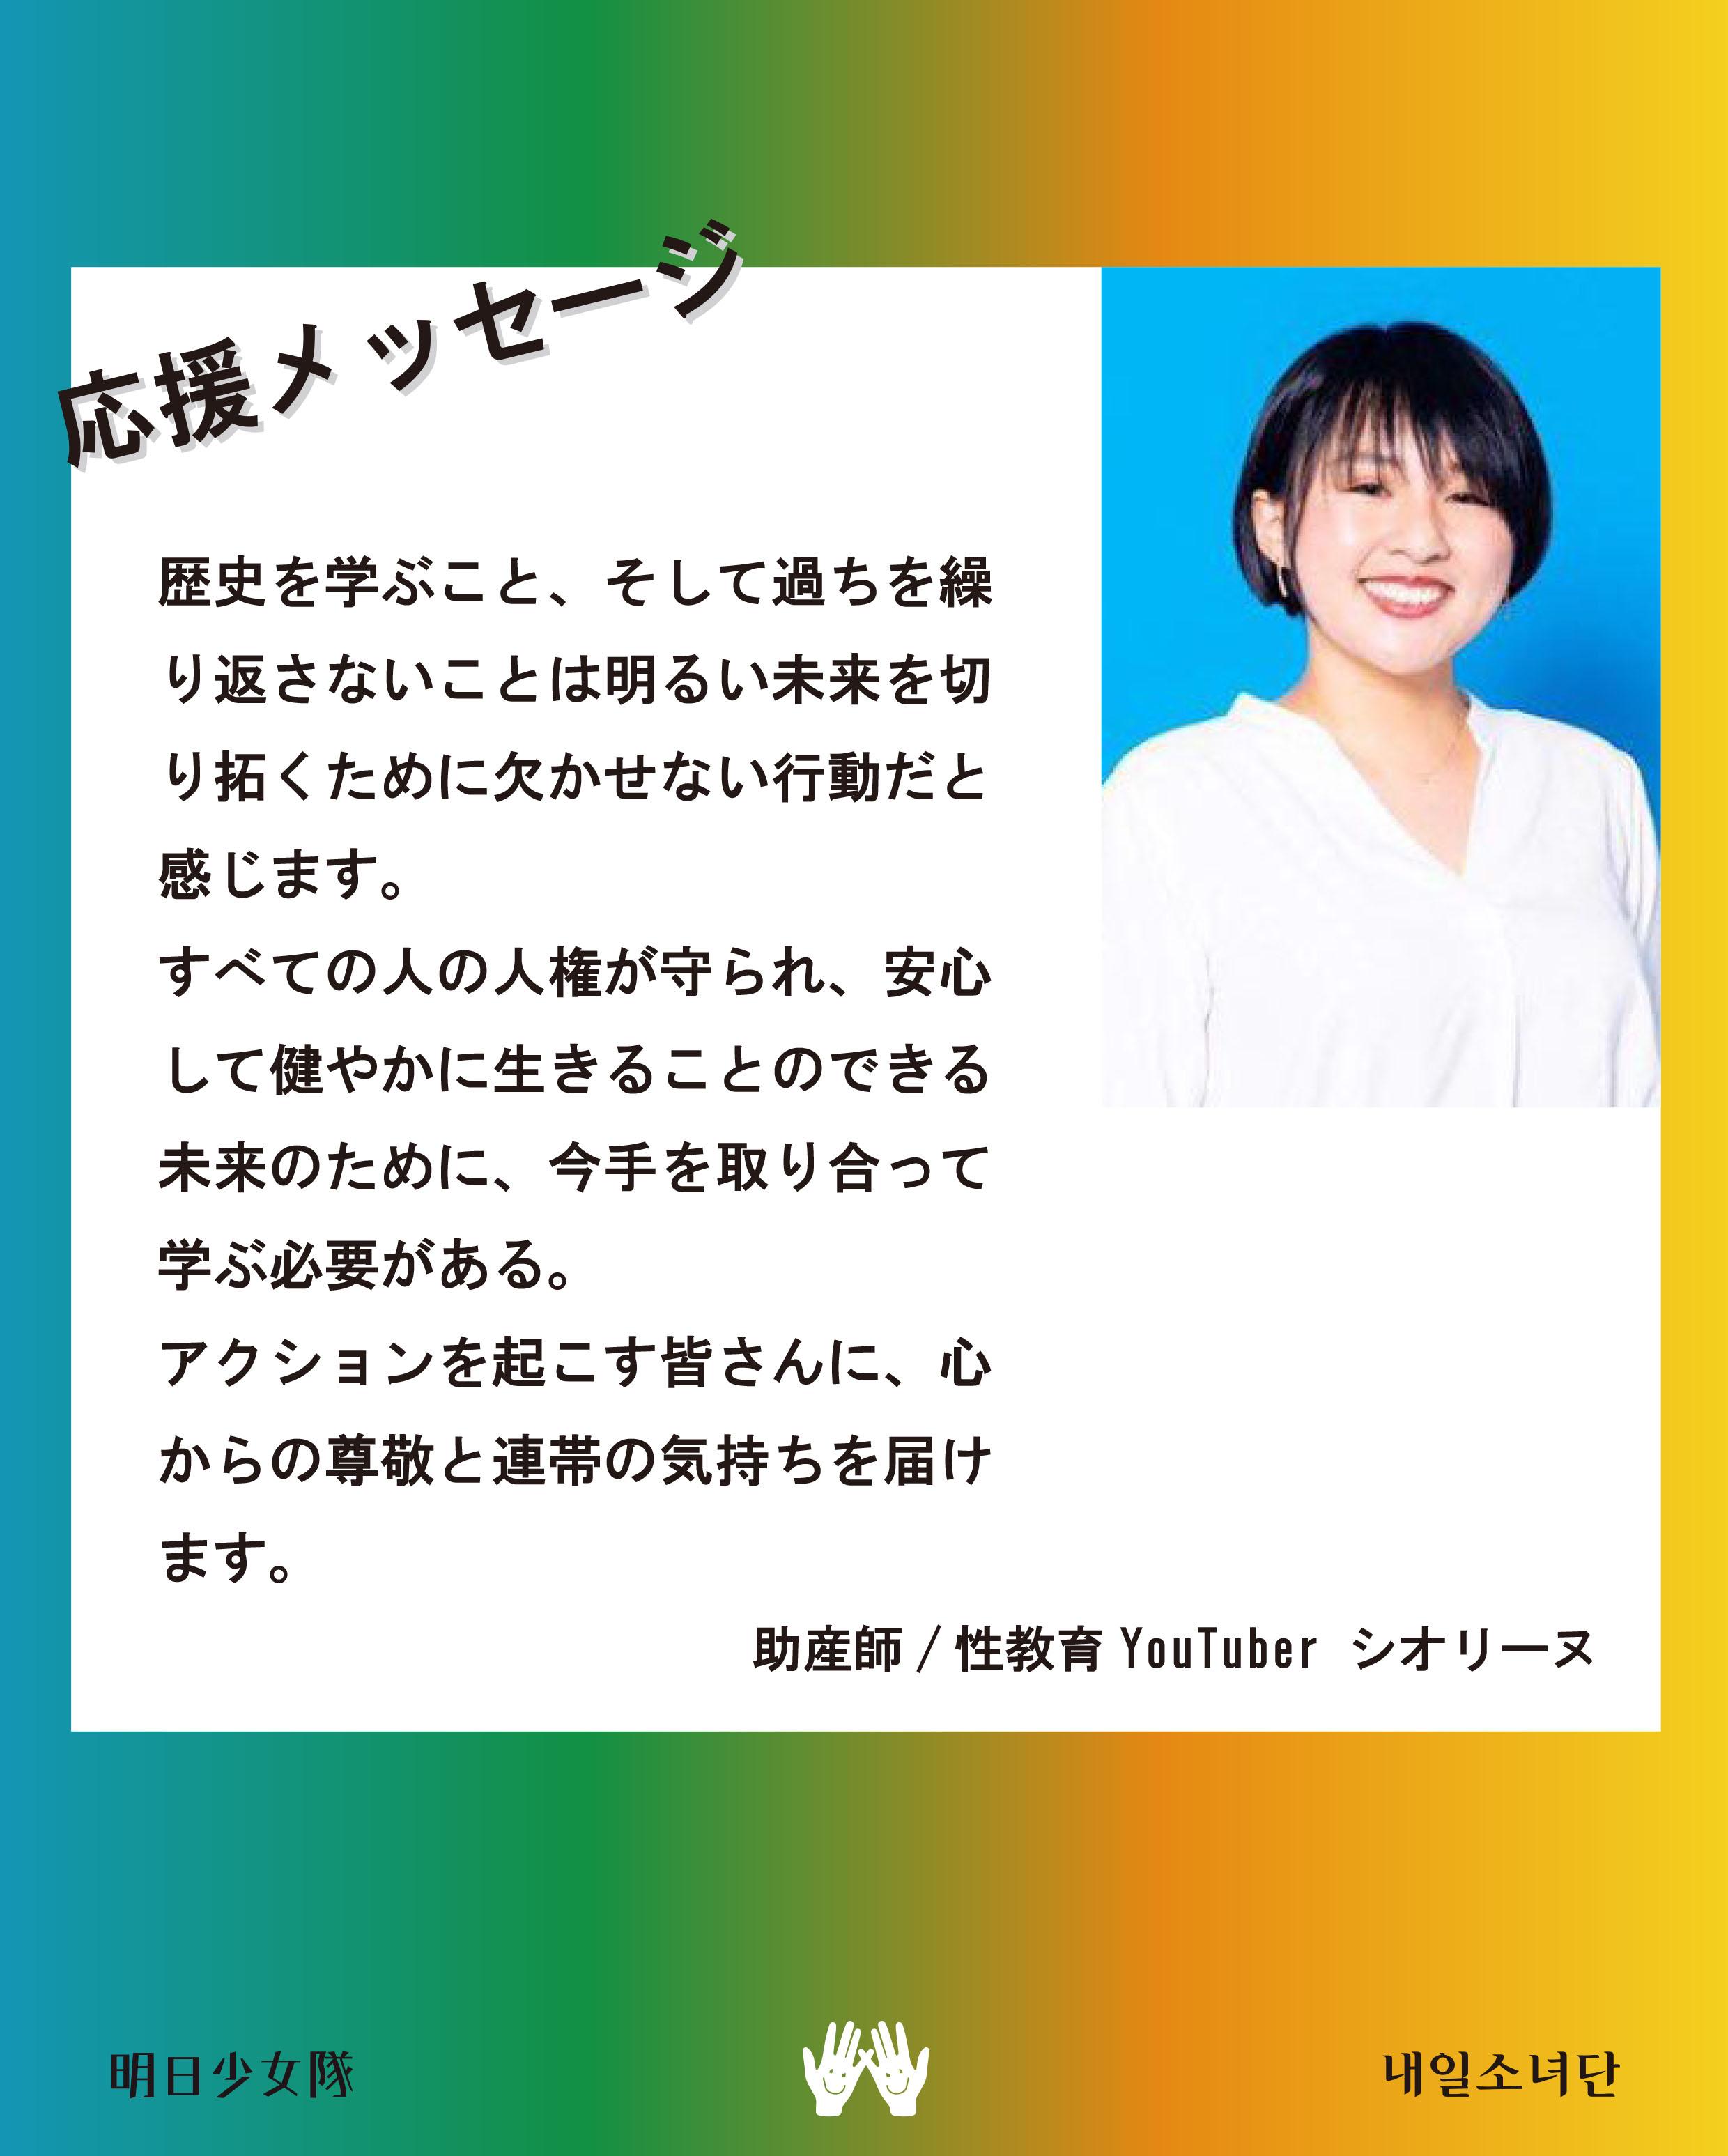 応援メッセージ シオリーヌ様.jpg